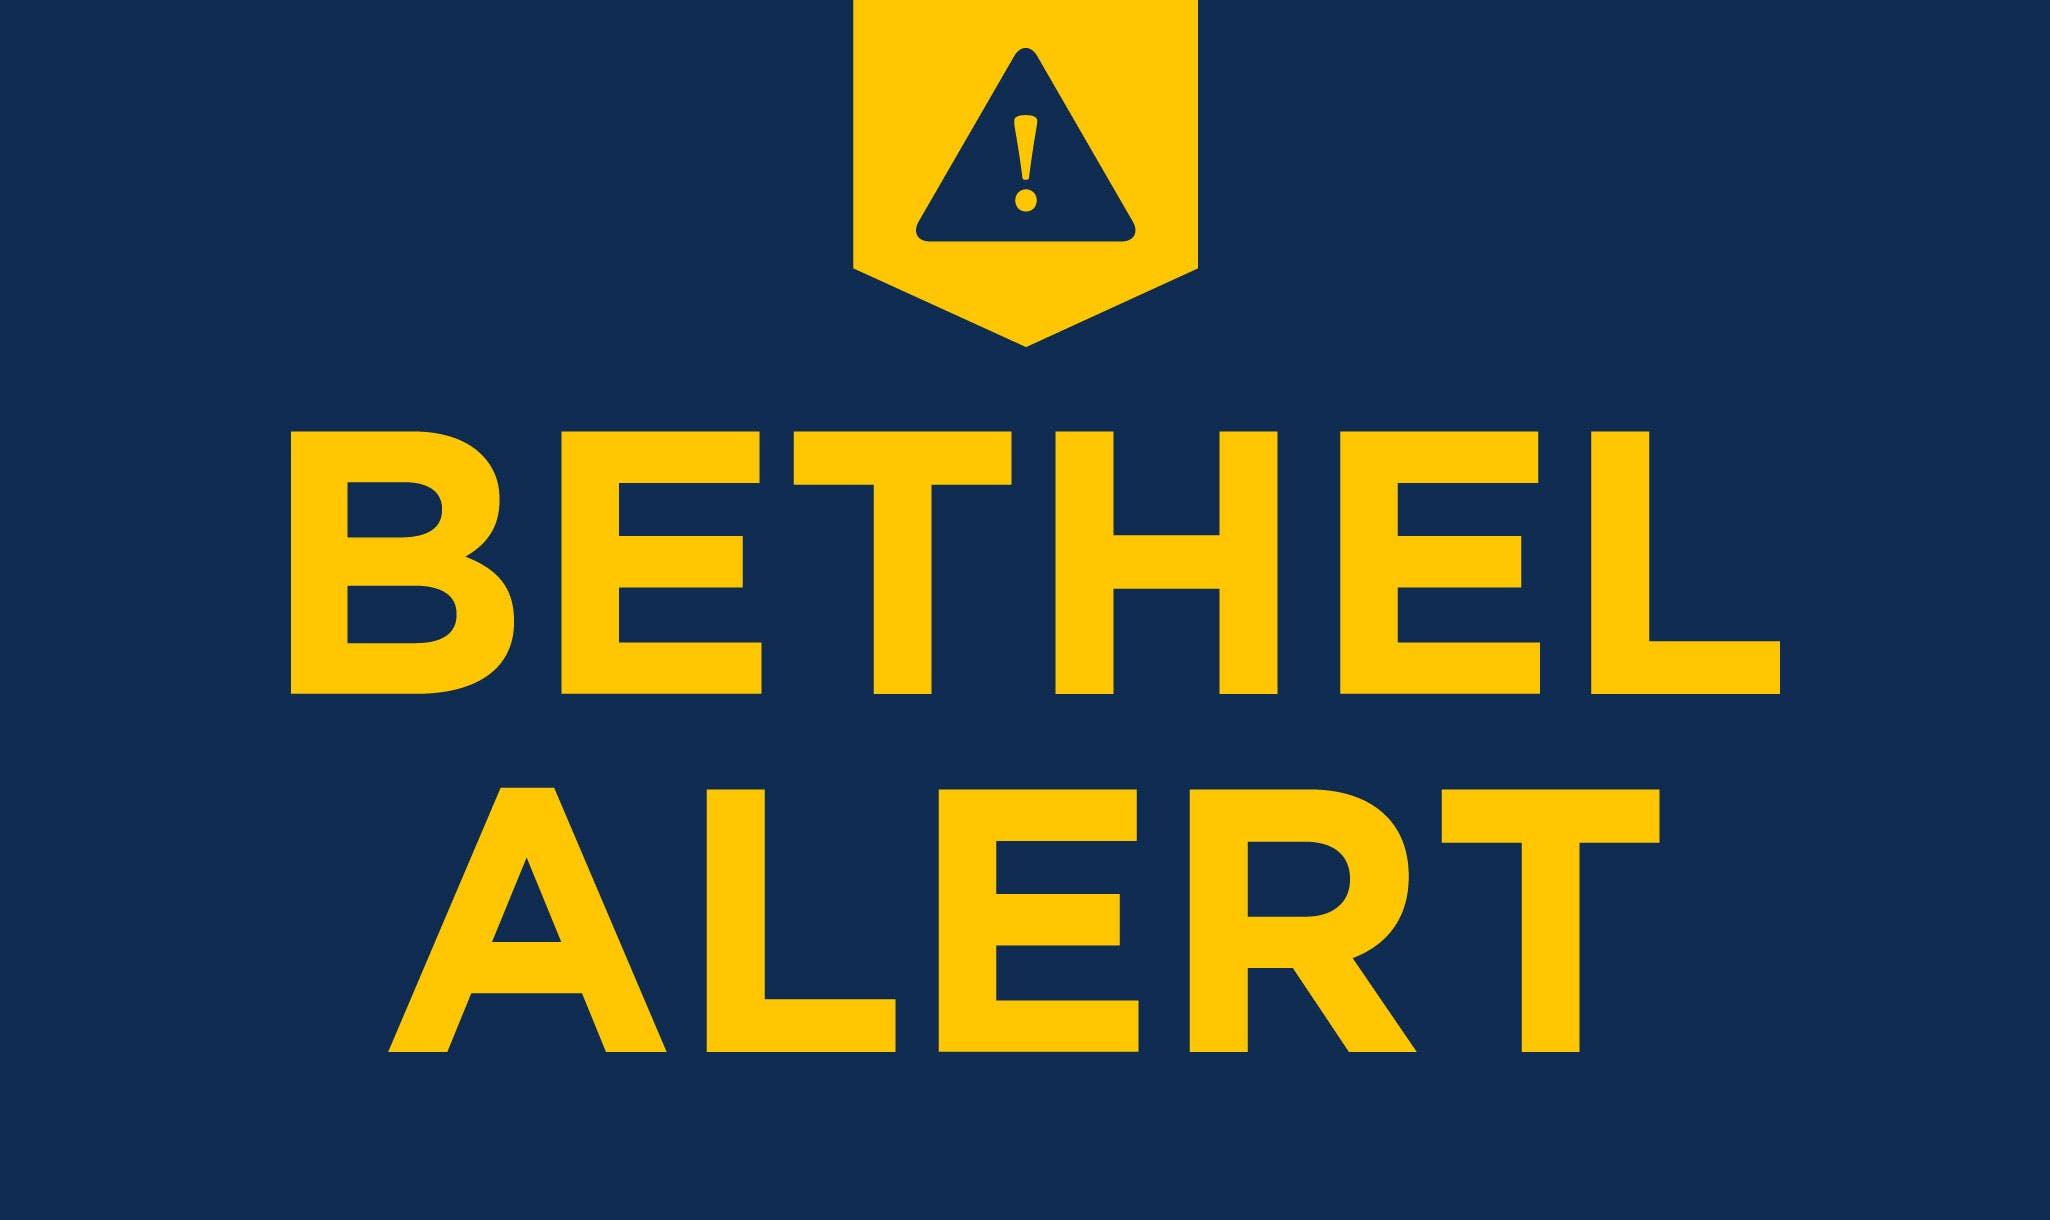 Evening Classes Canceled for Nov. 10